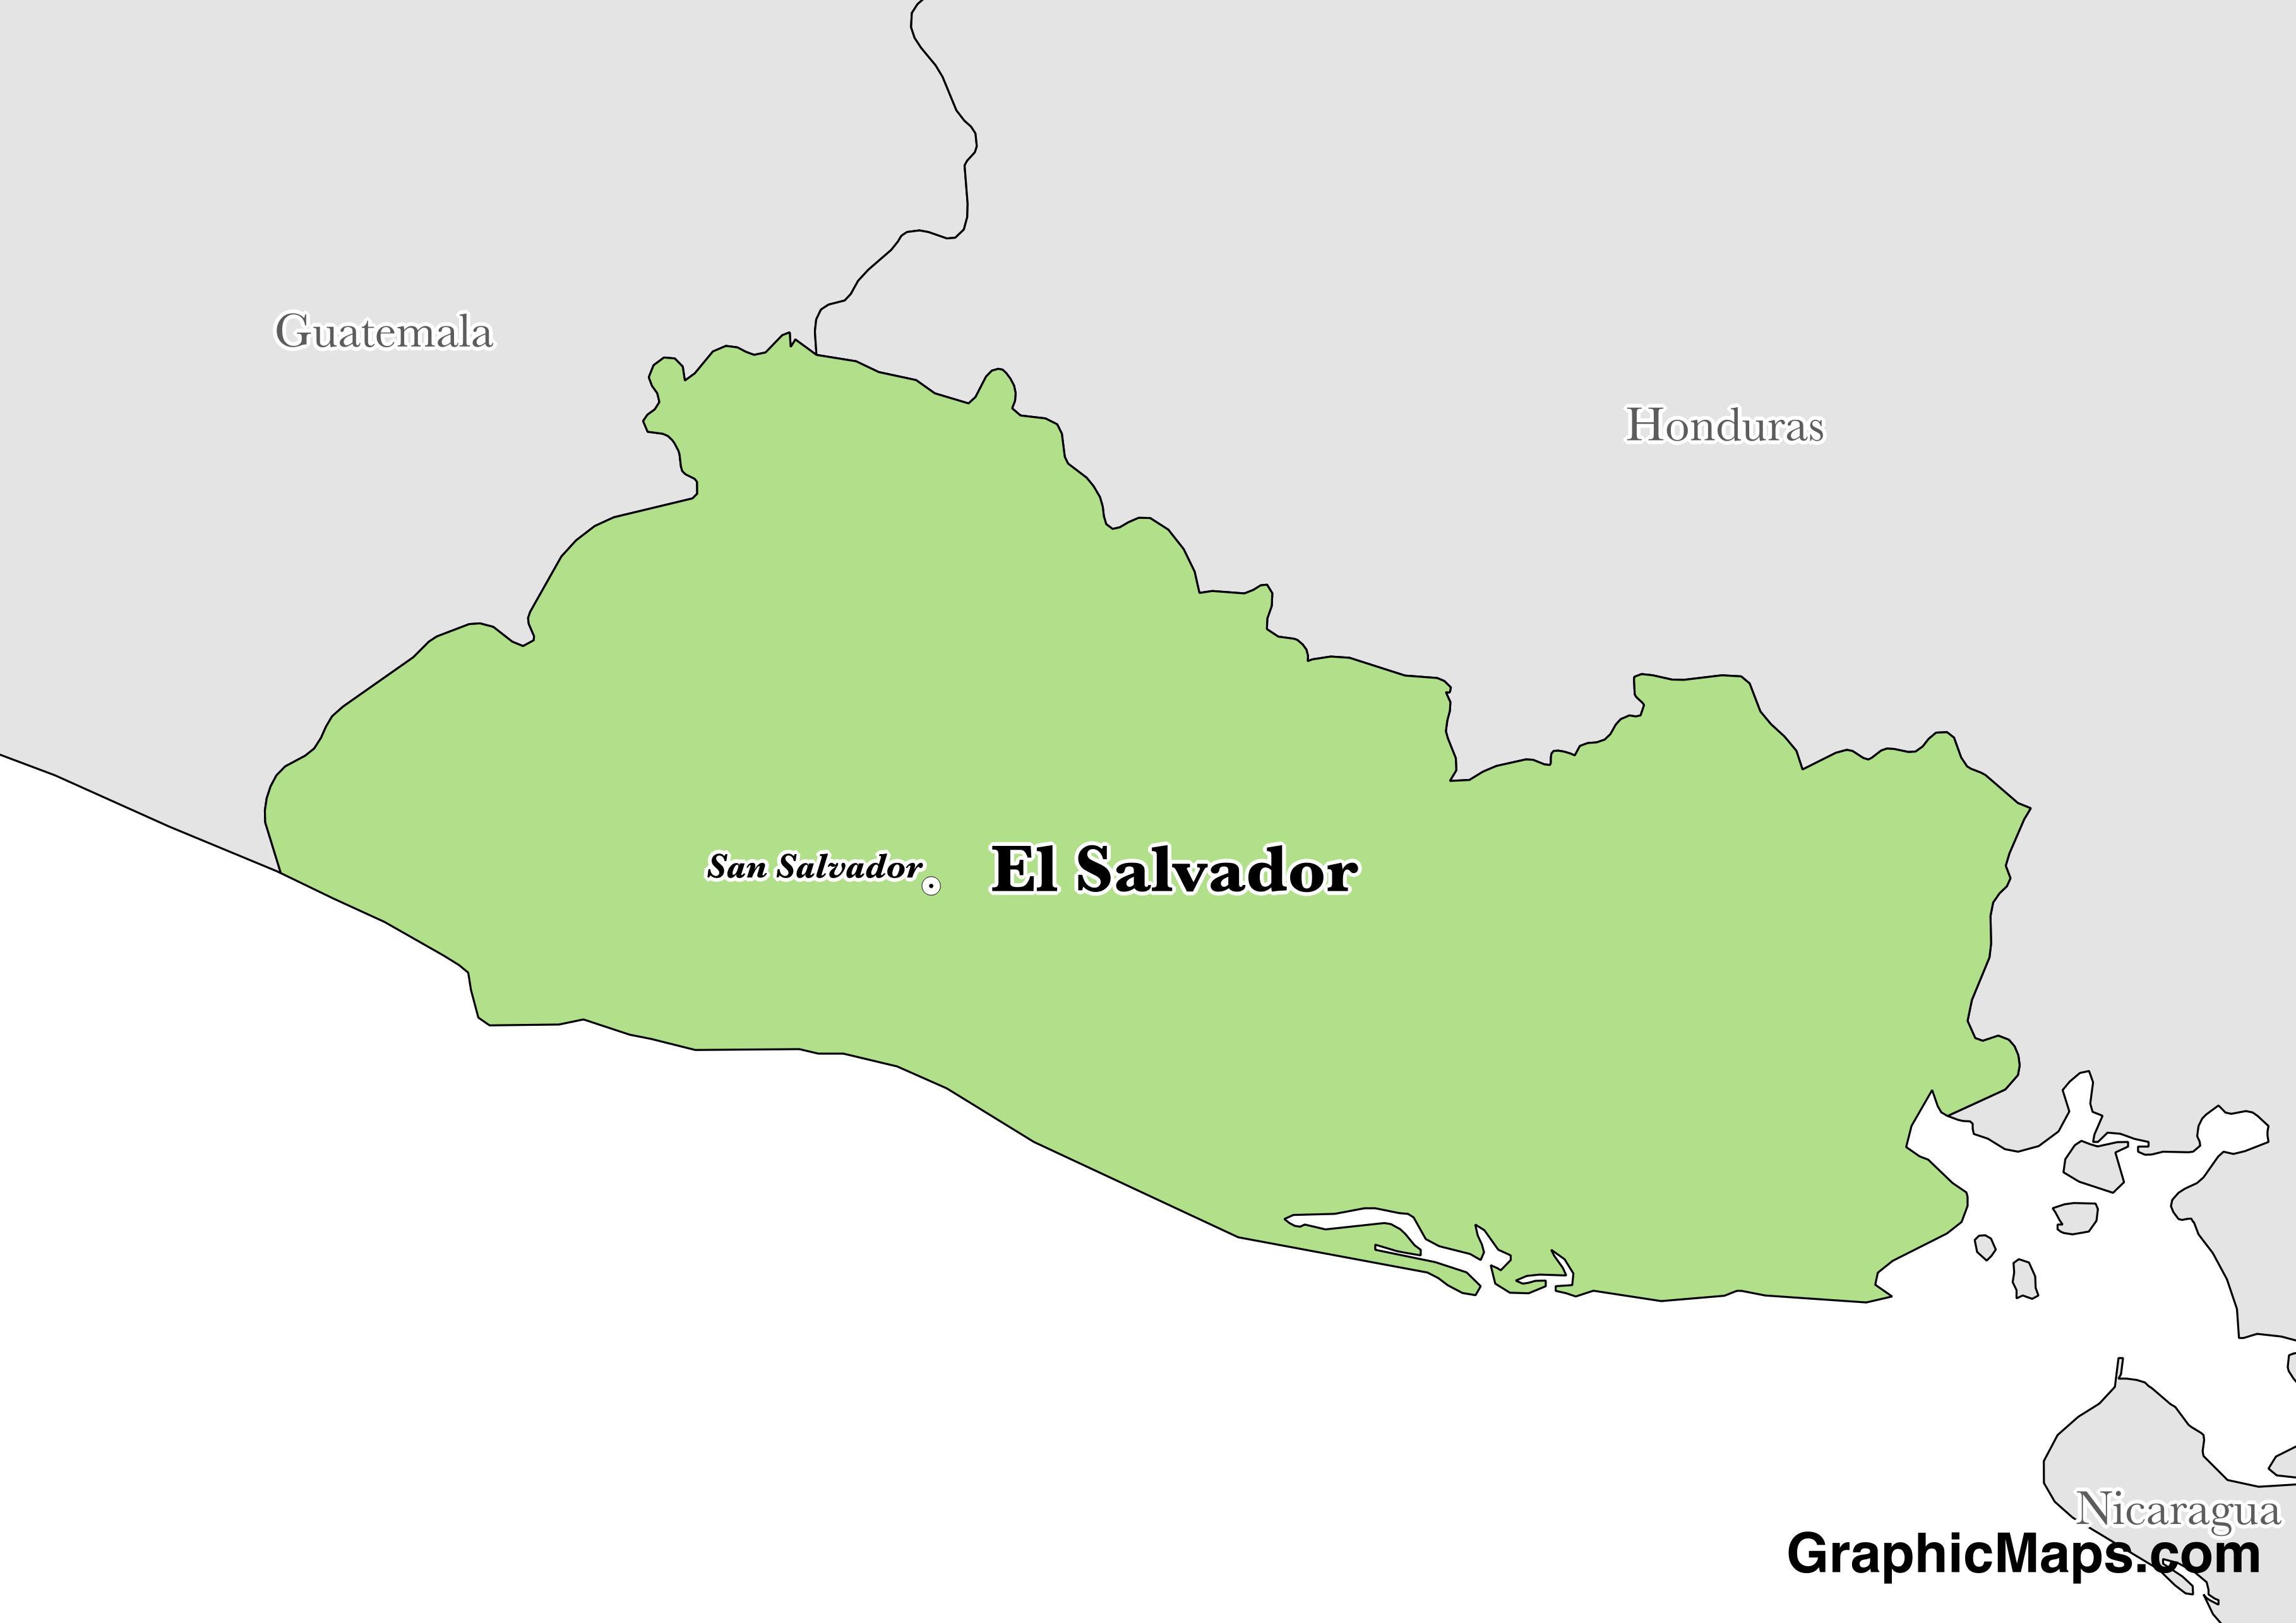 Map showing the location of El Salvador